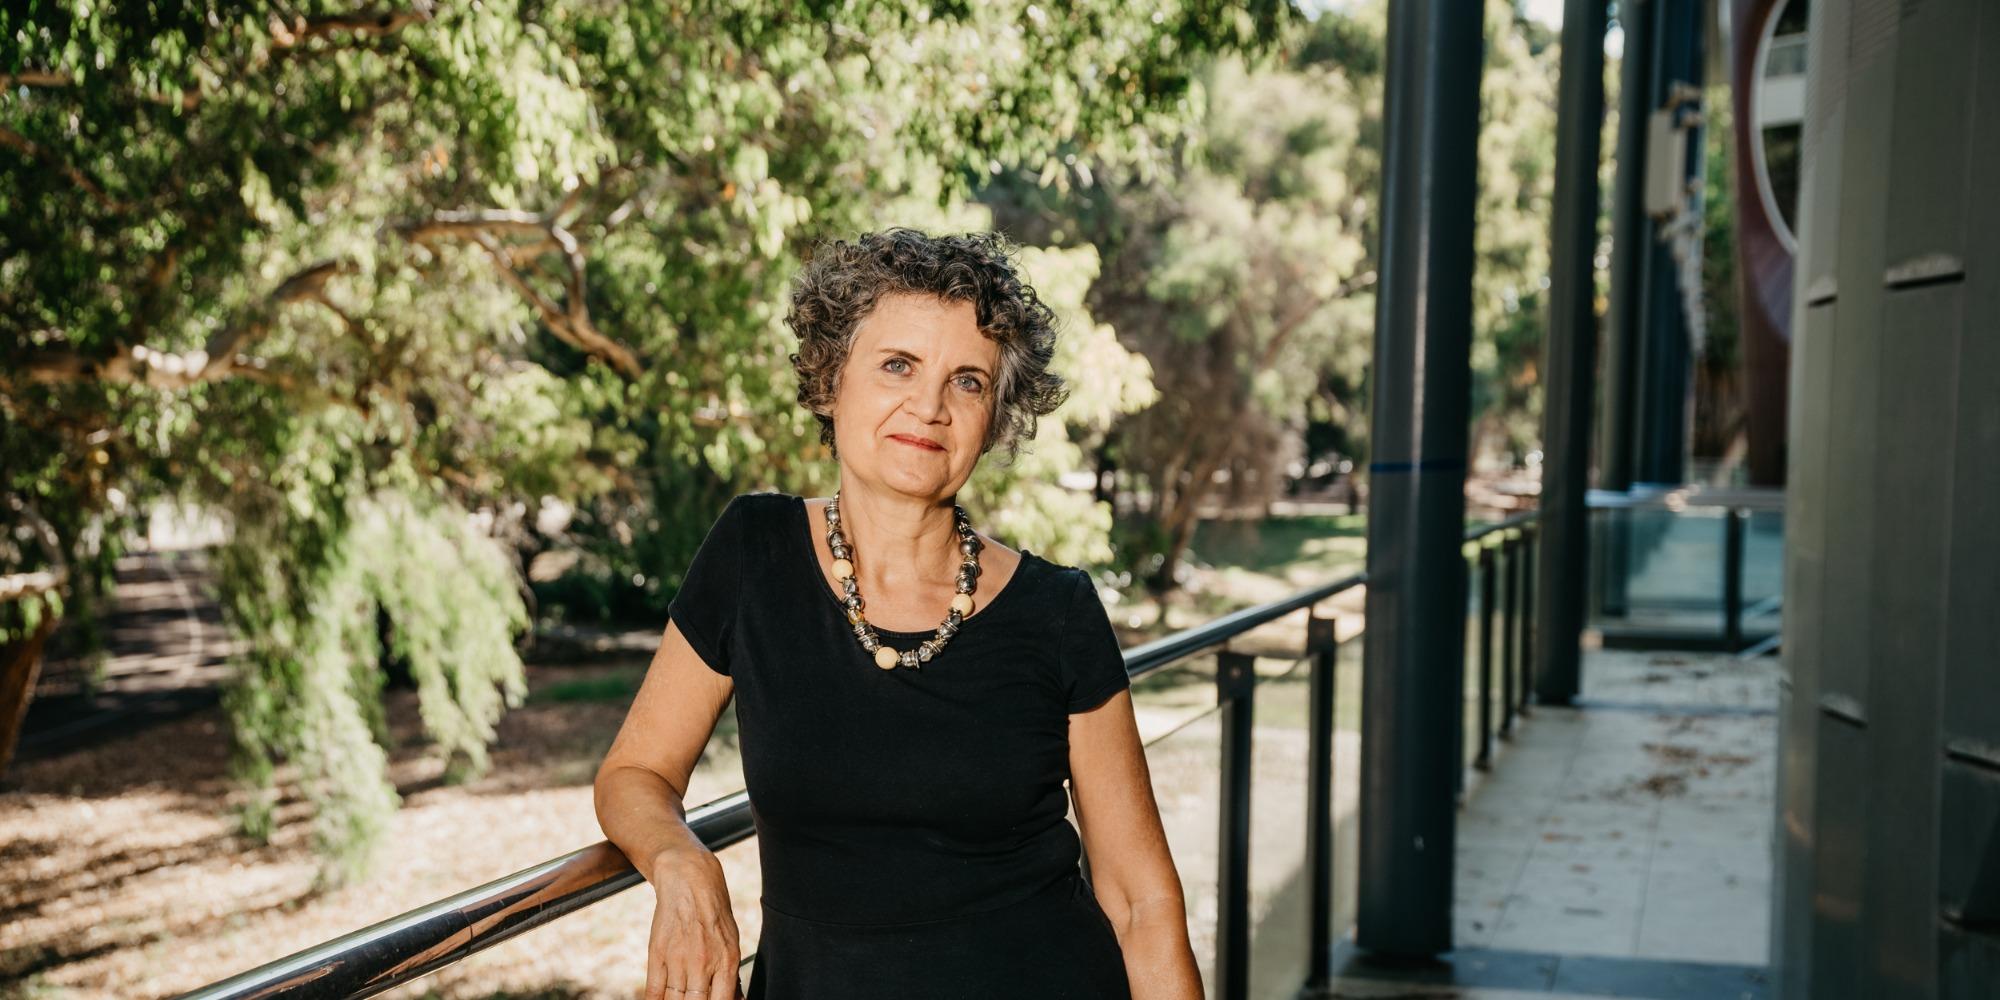 Professor Hélène Jaccomard at UWA